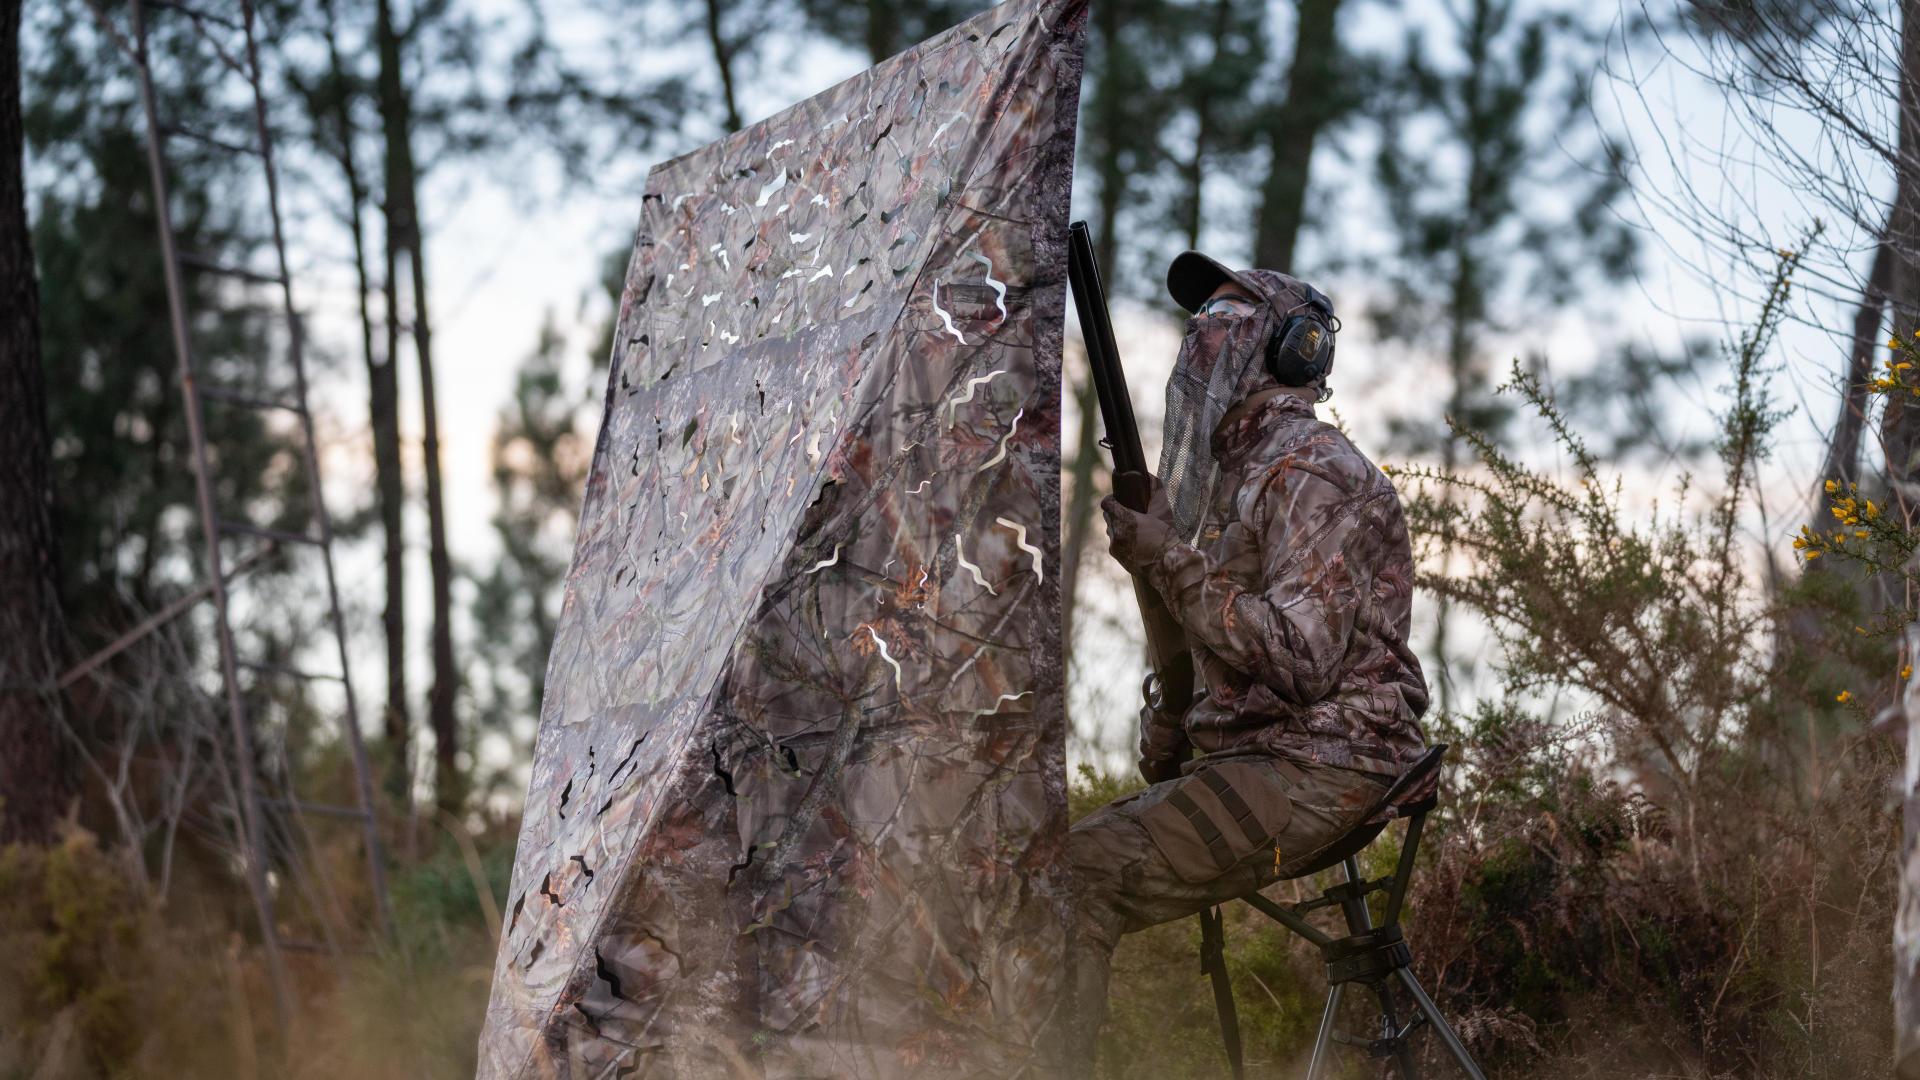 Prêt pour chasser la palombe avec l'affût bouclier de Solognac